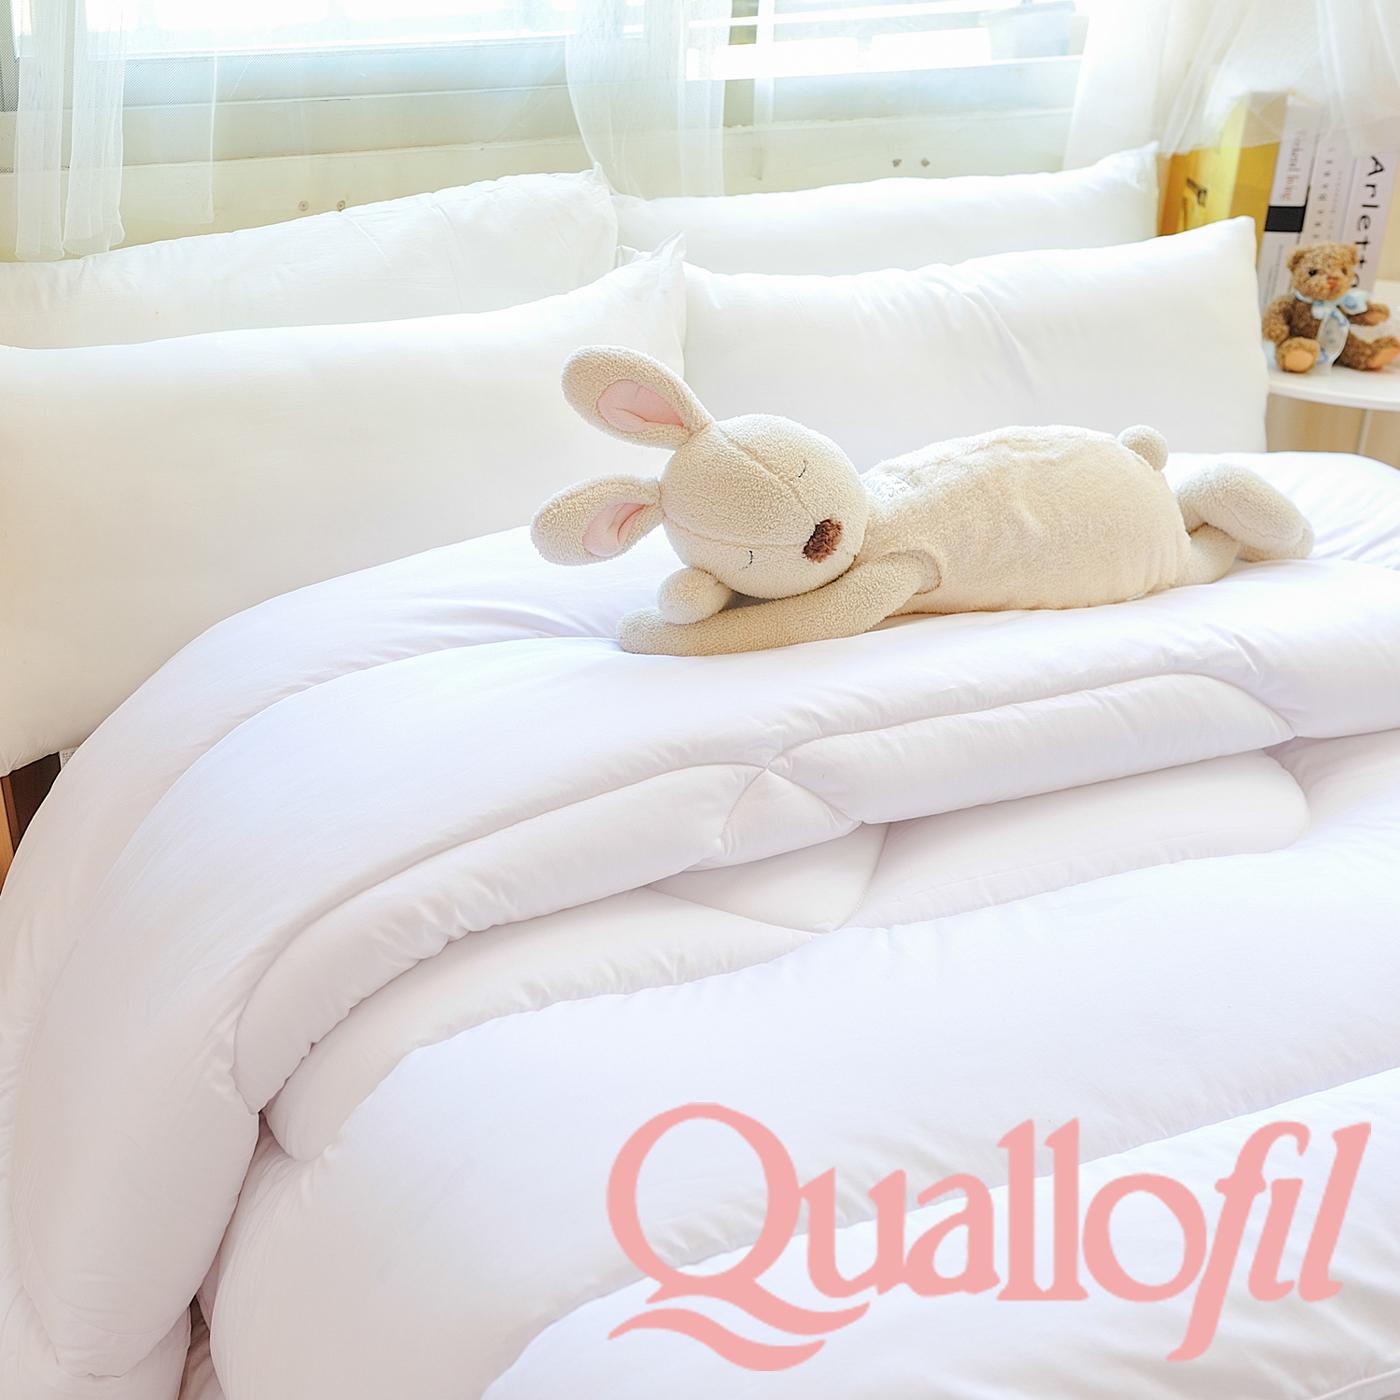 名流寢飾家居館英威達Quallofil杜邦七孔被蓬鬆柔軟雙人尺寸全程臺灣製造